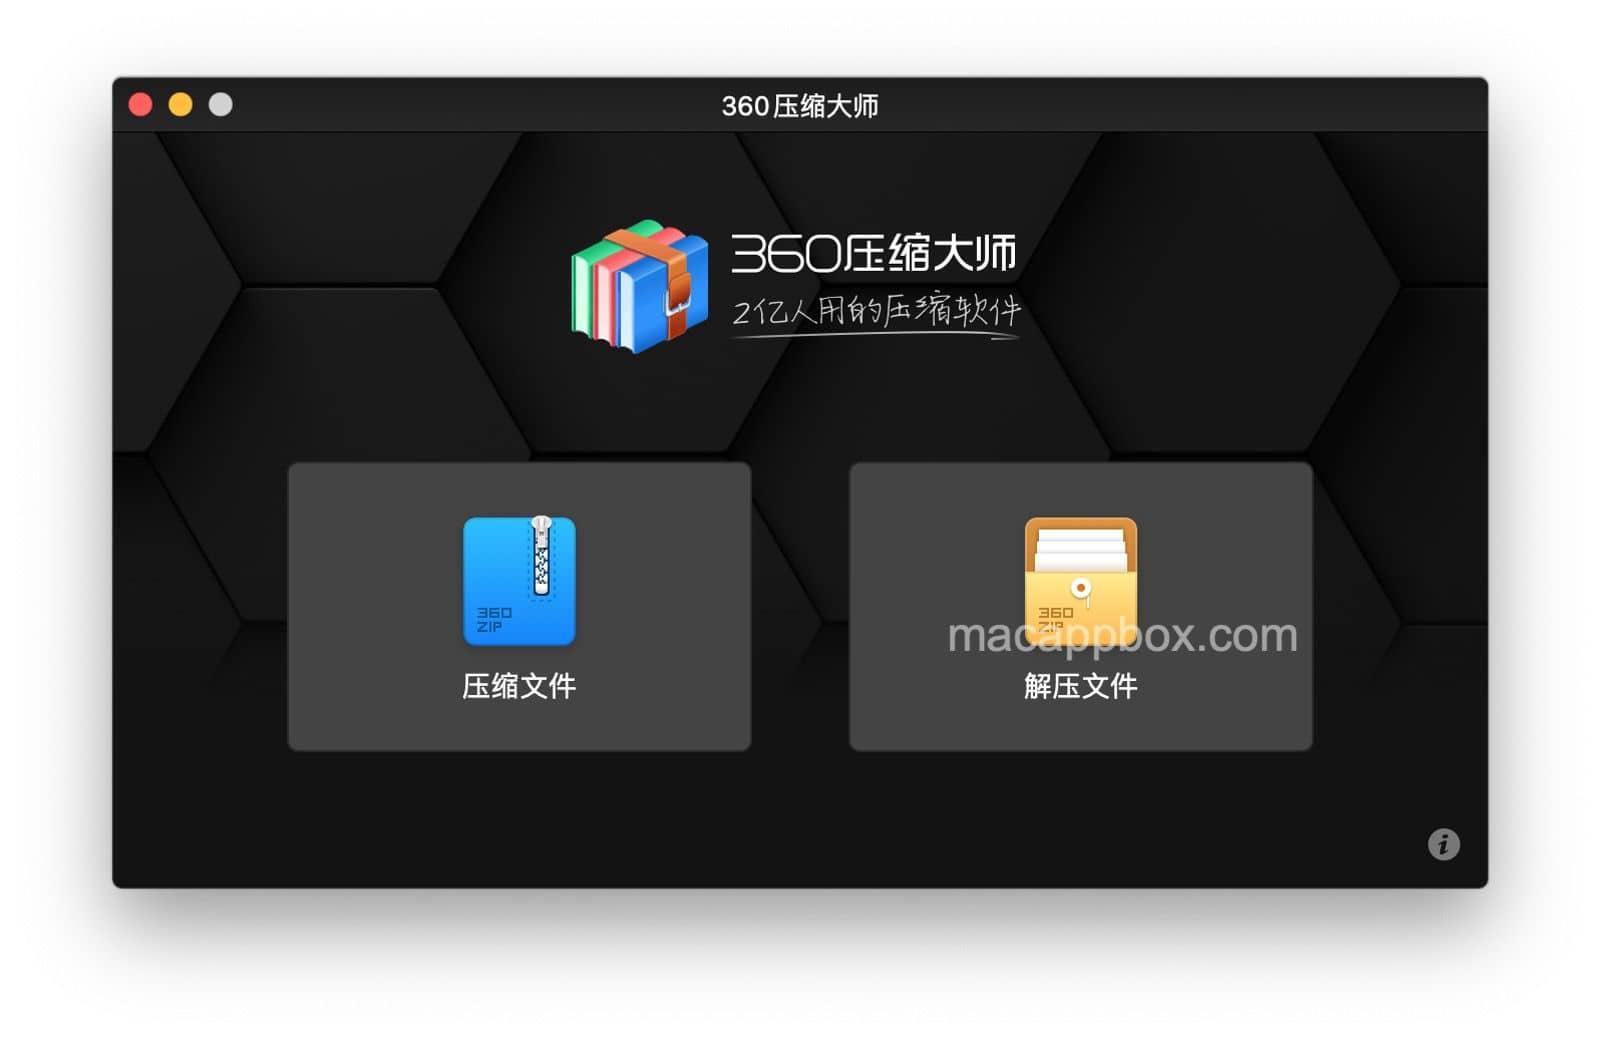 360压缩大师 mac版下载